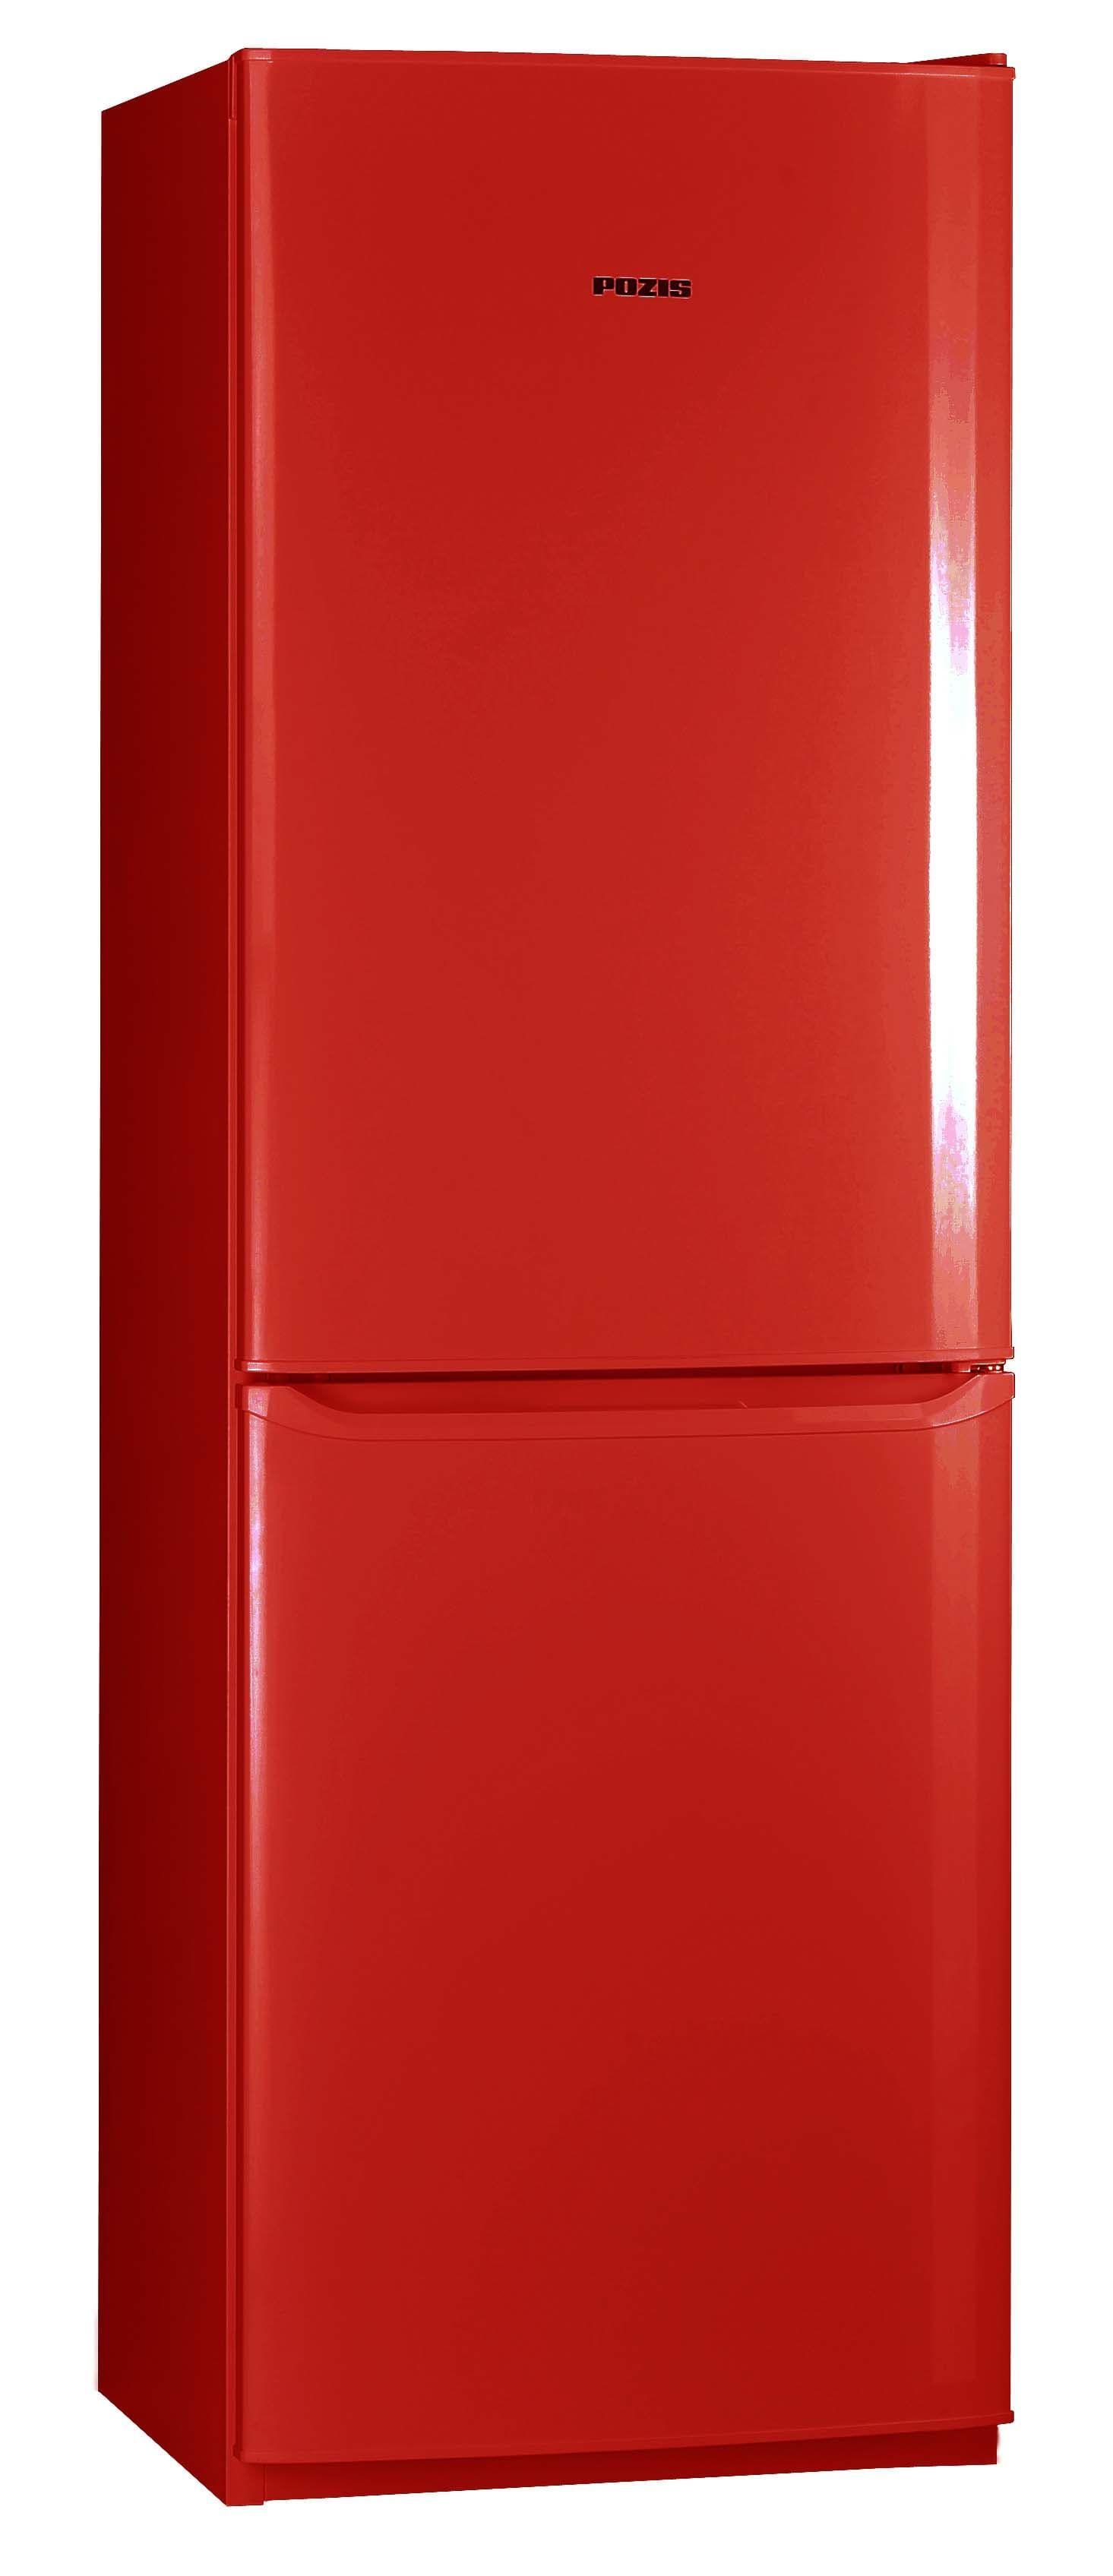 Шкаф холодильный RK-139 рубиновый